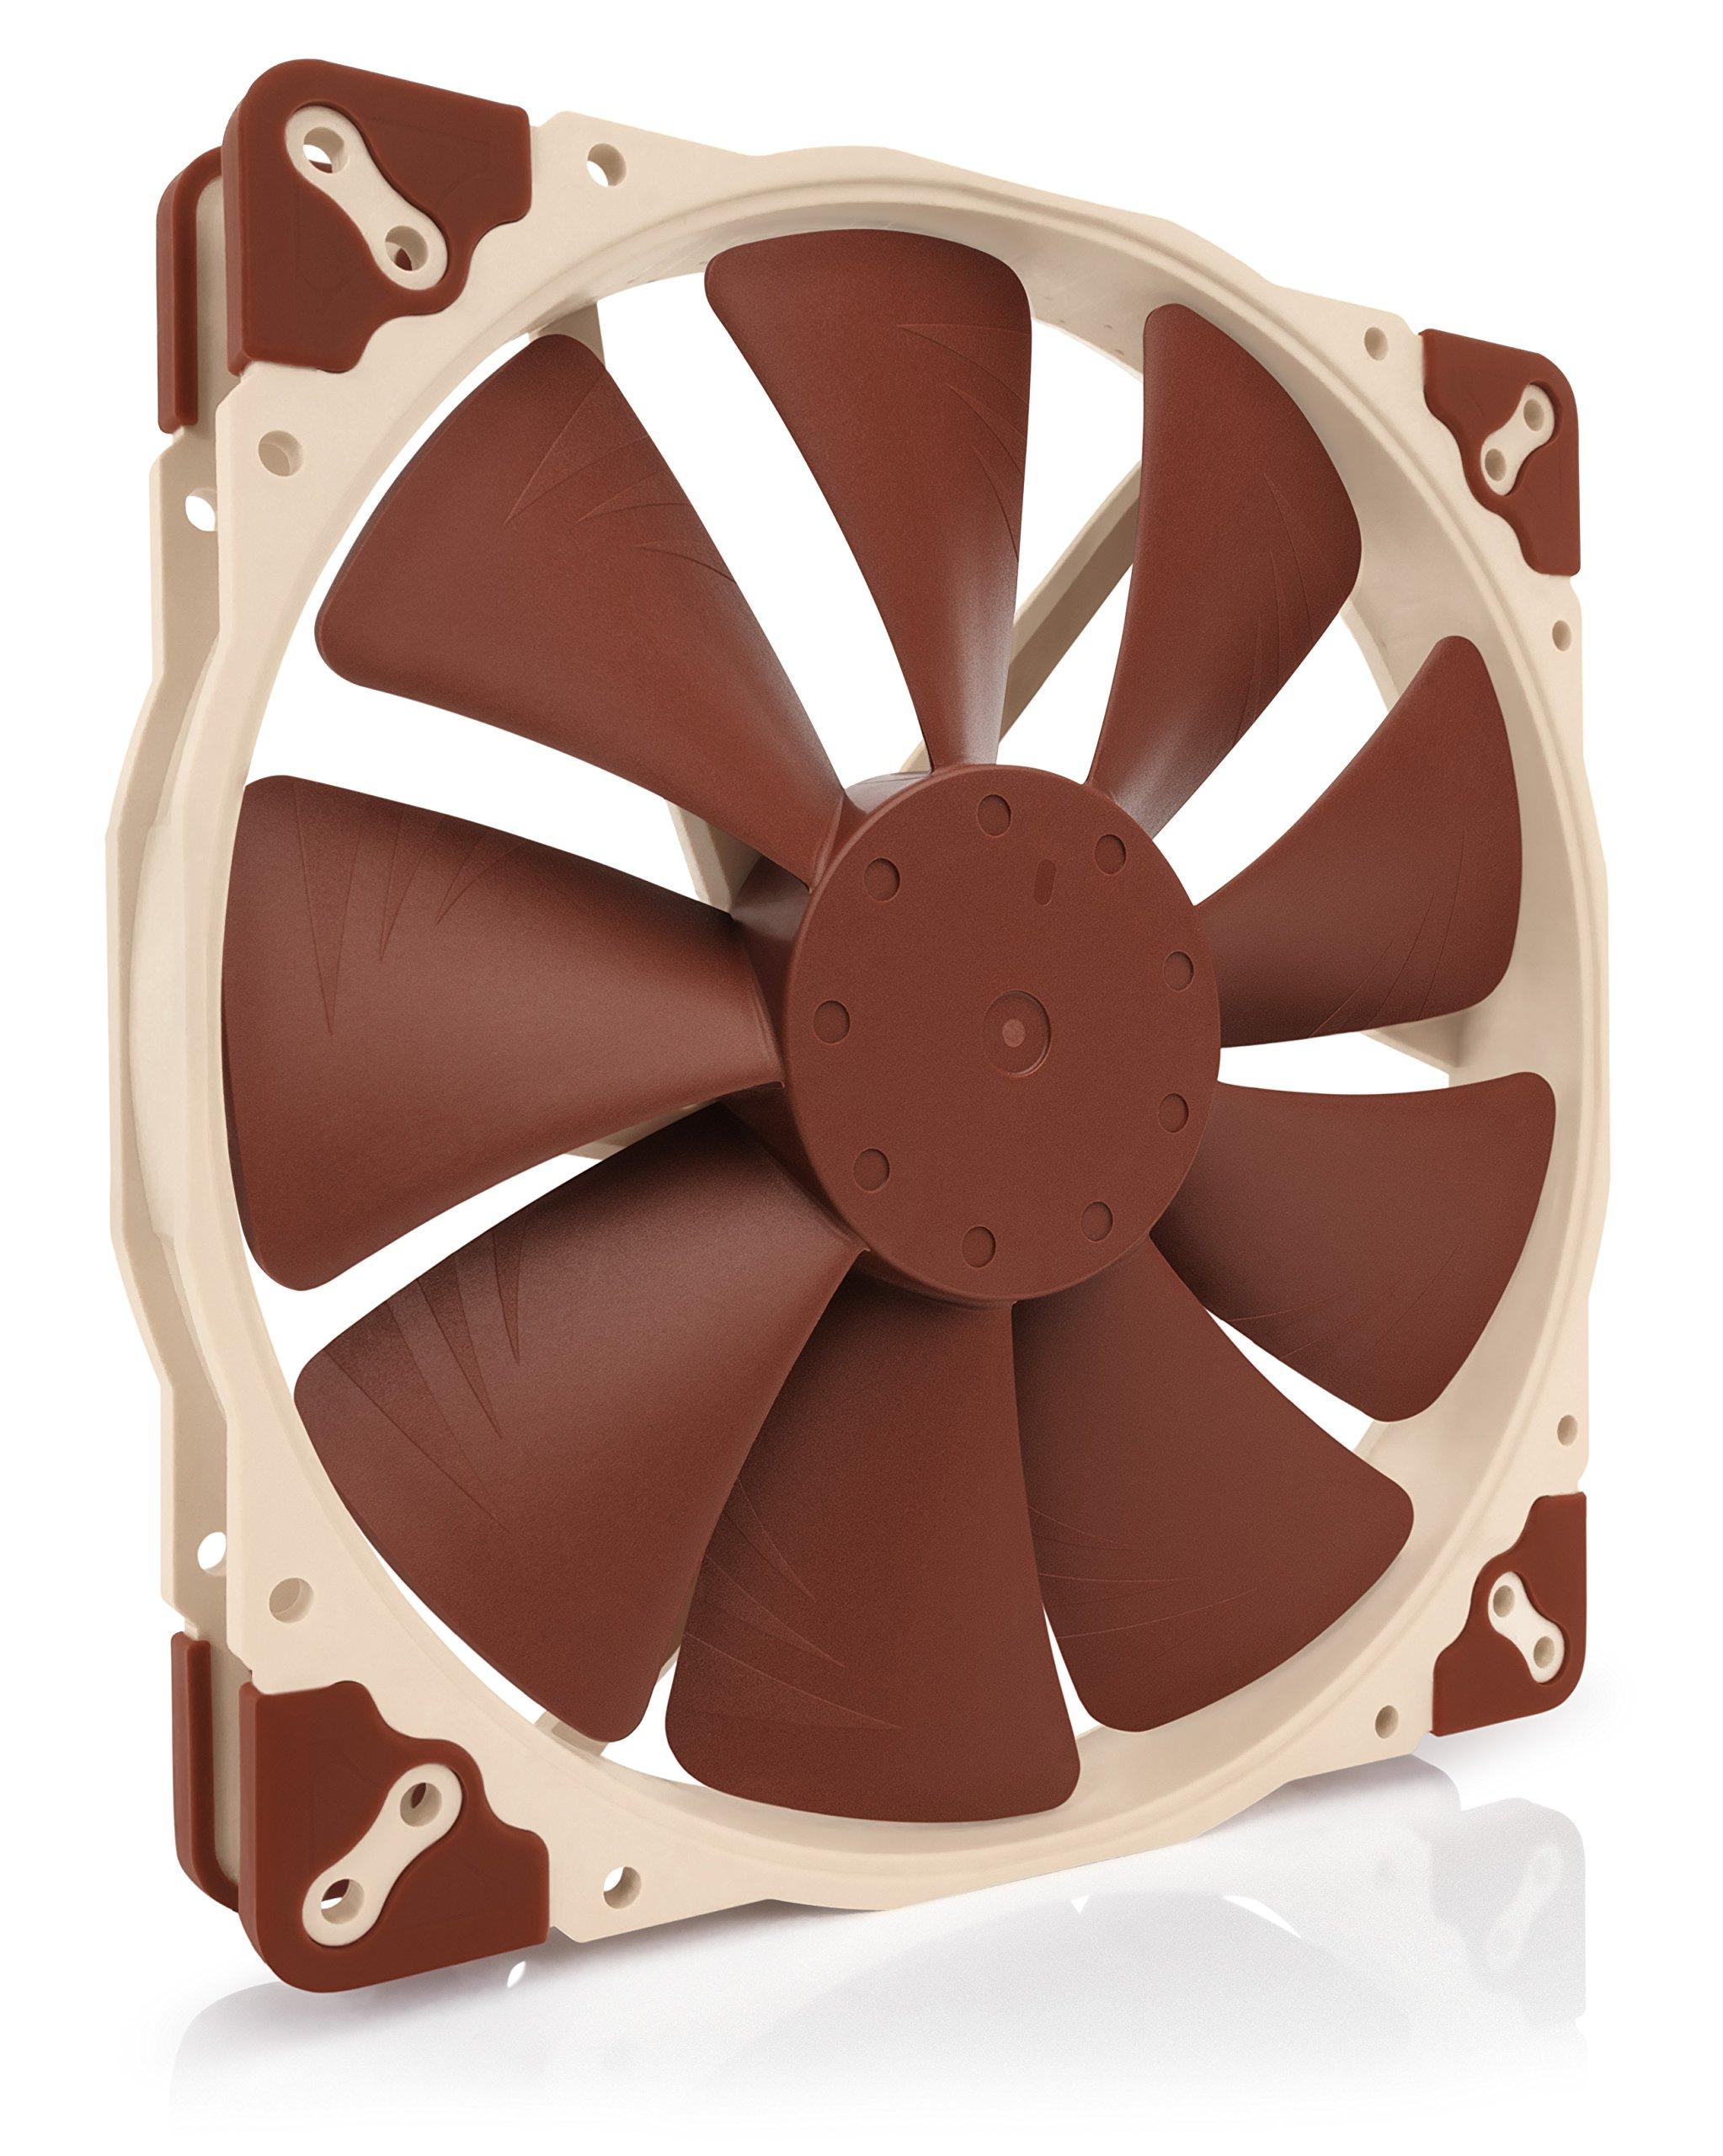 Noctua NF-A20 PWM Premium-Quality Quiet 200mm Fan